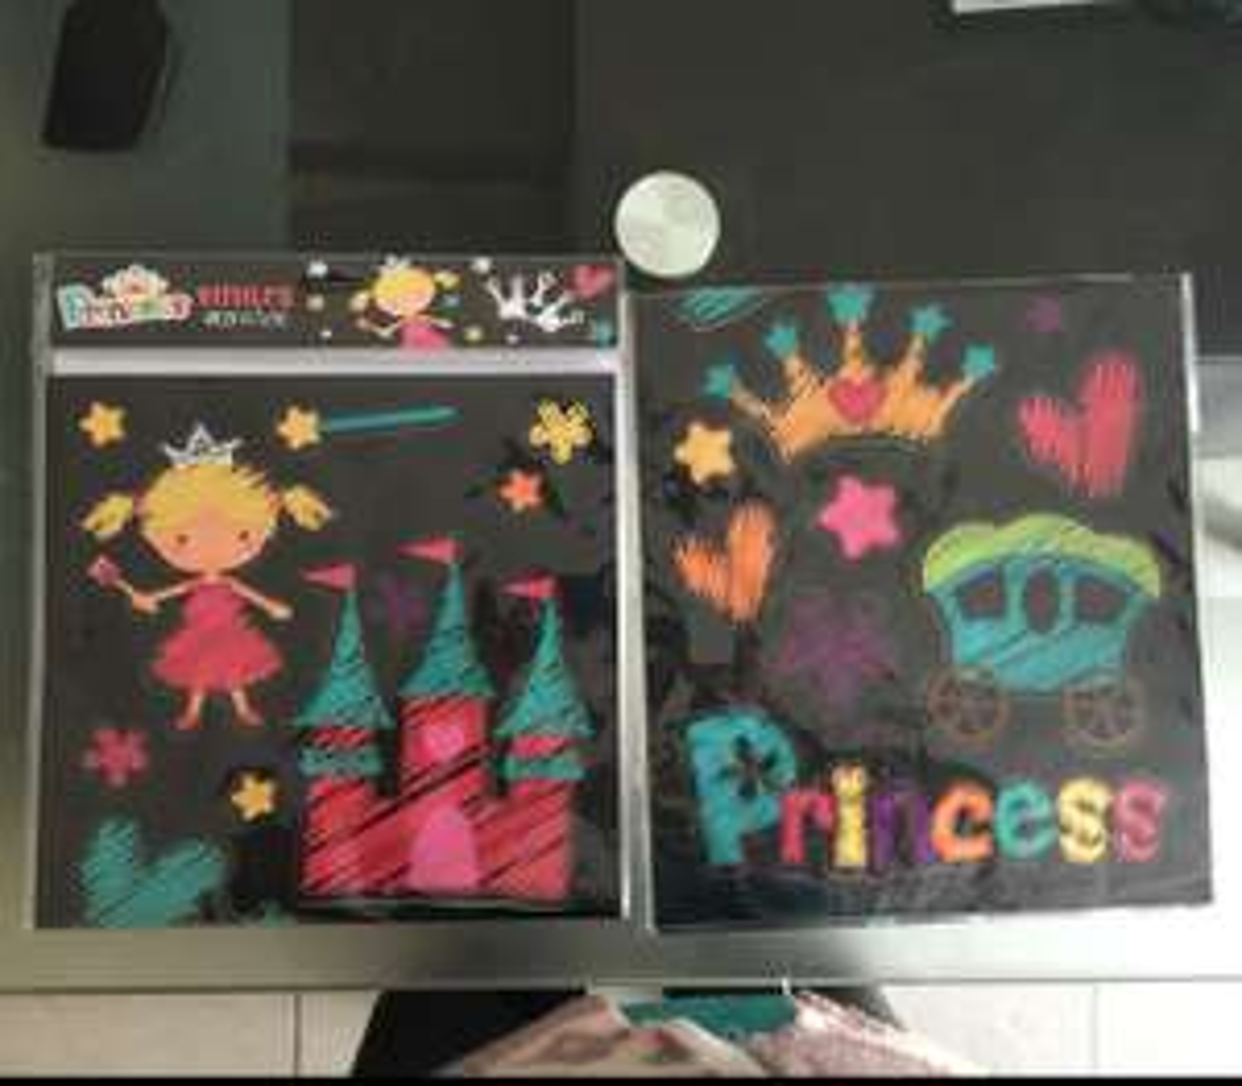 Bodega Aurrerá: Viniles de princesas para pared a $8.02